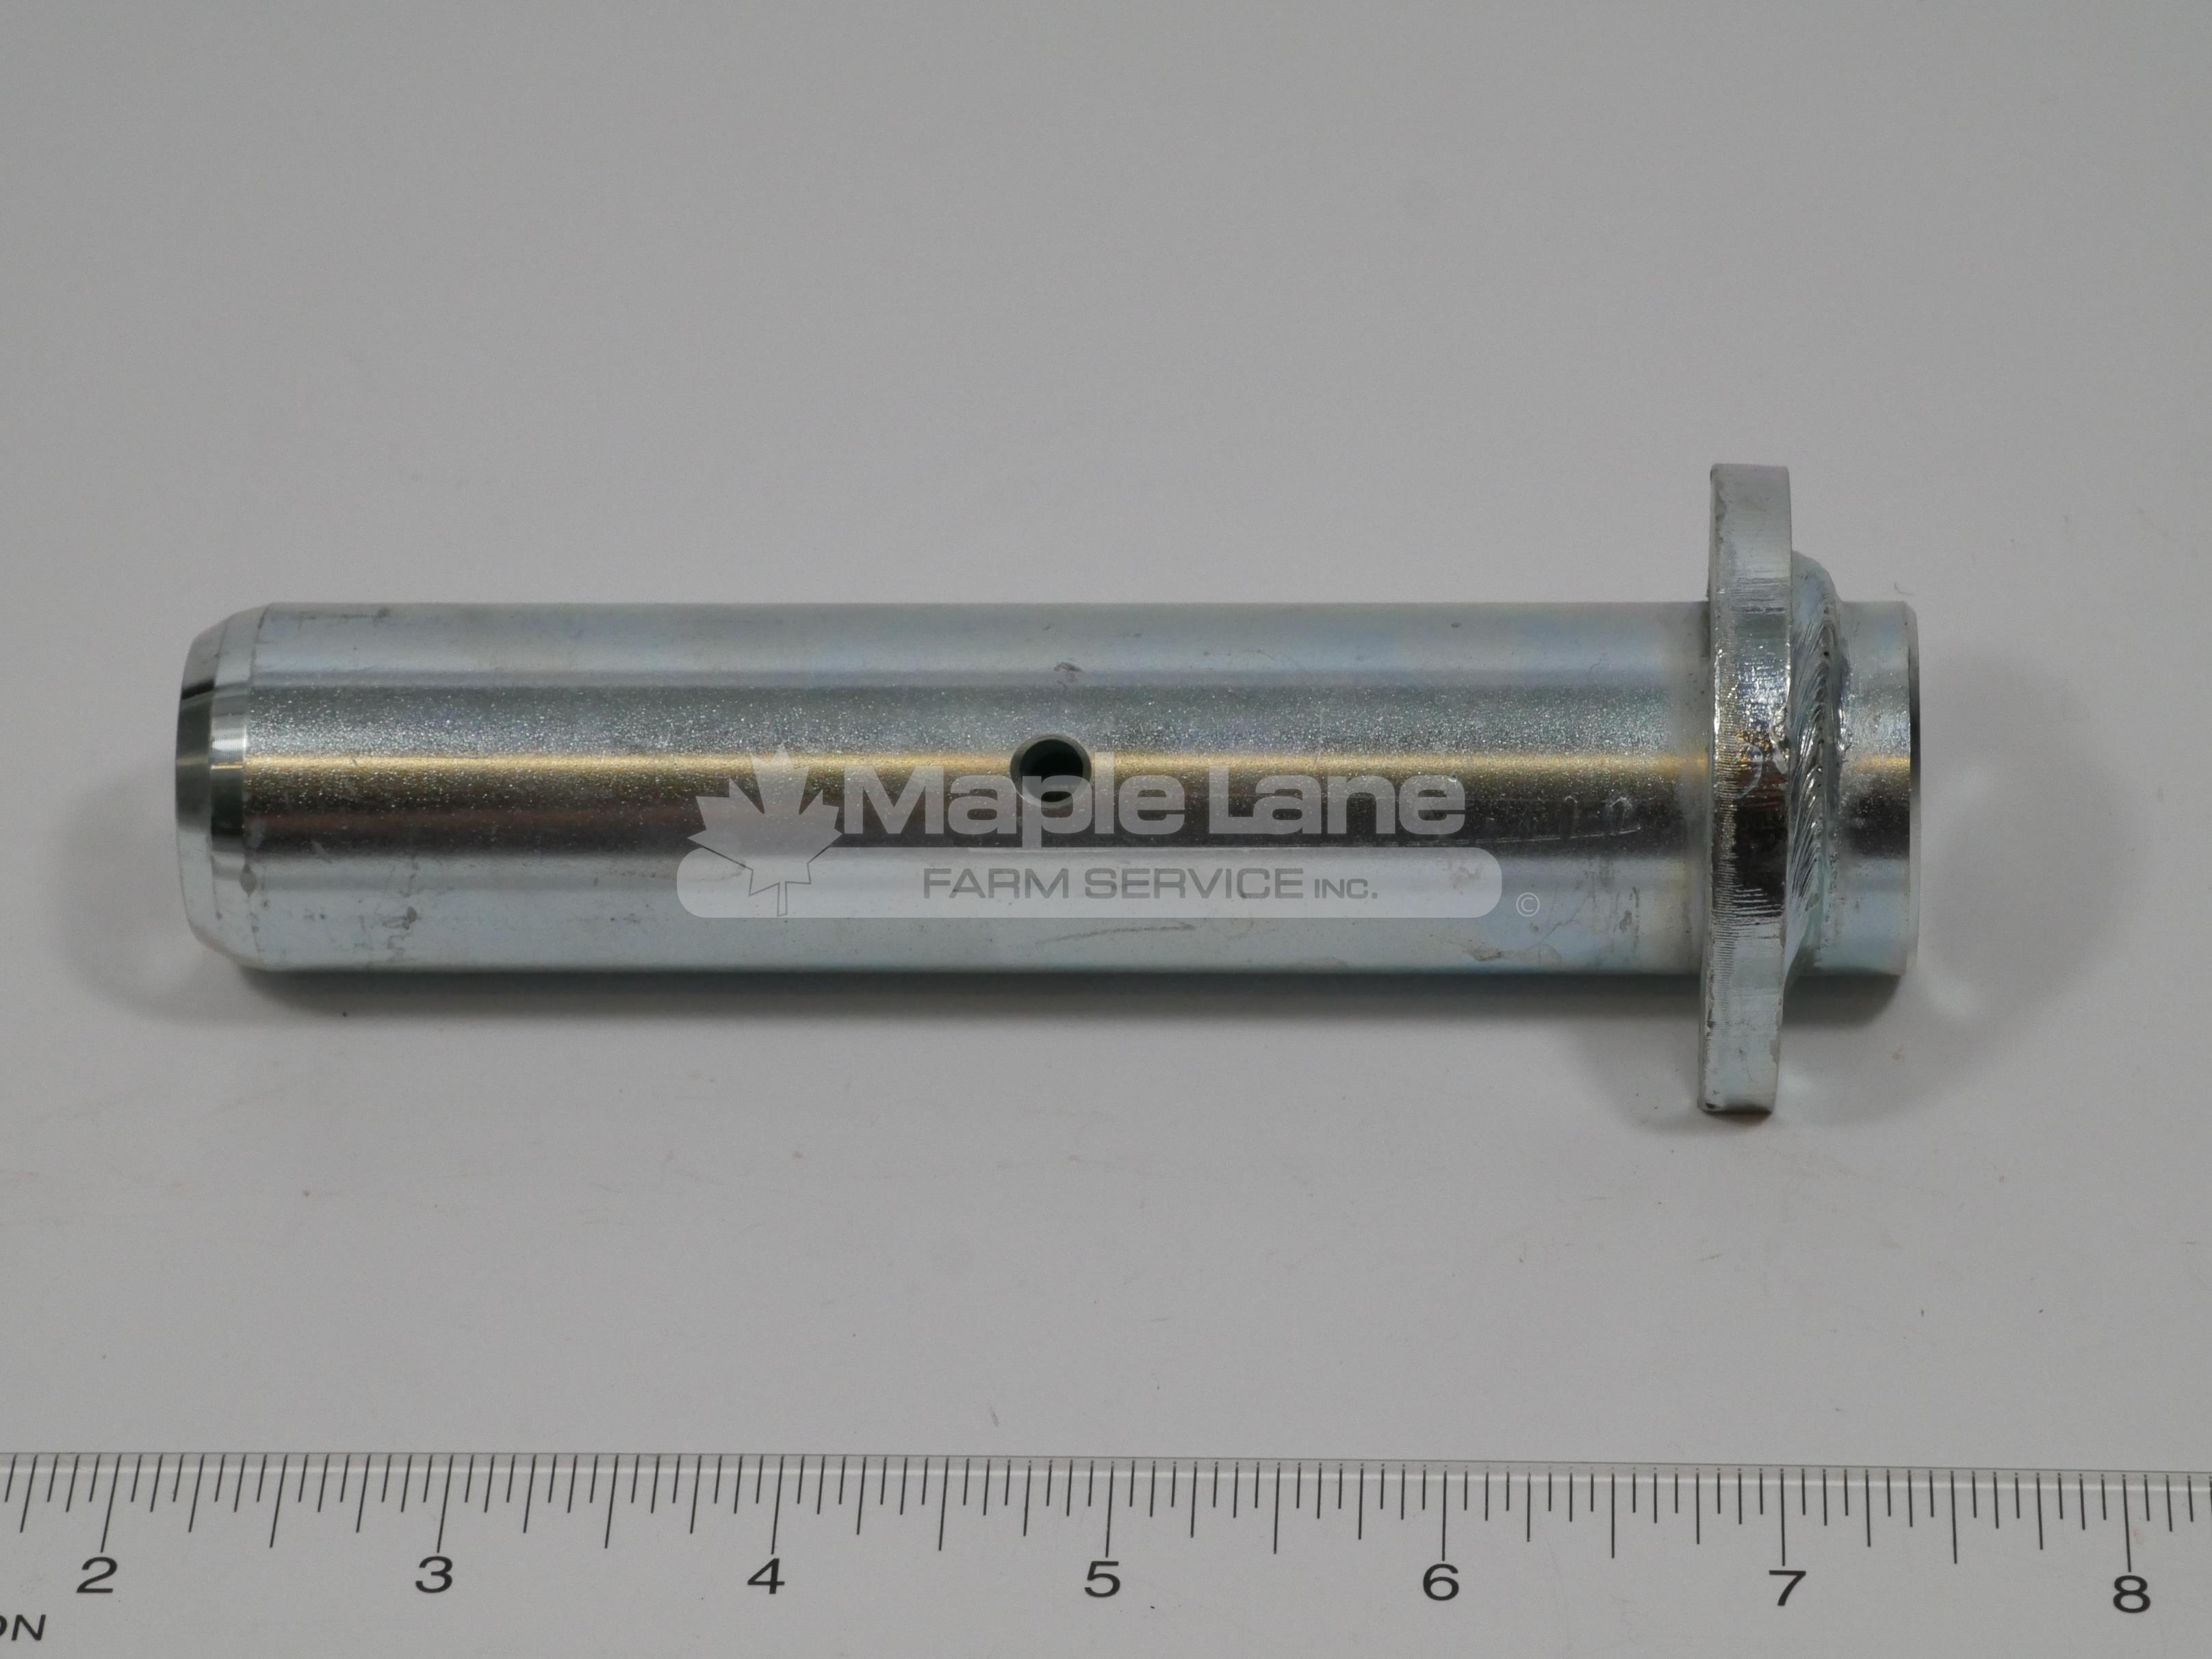 al1116946 pin